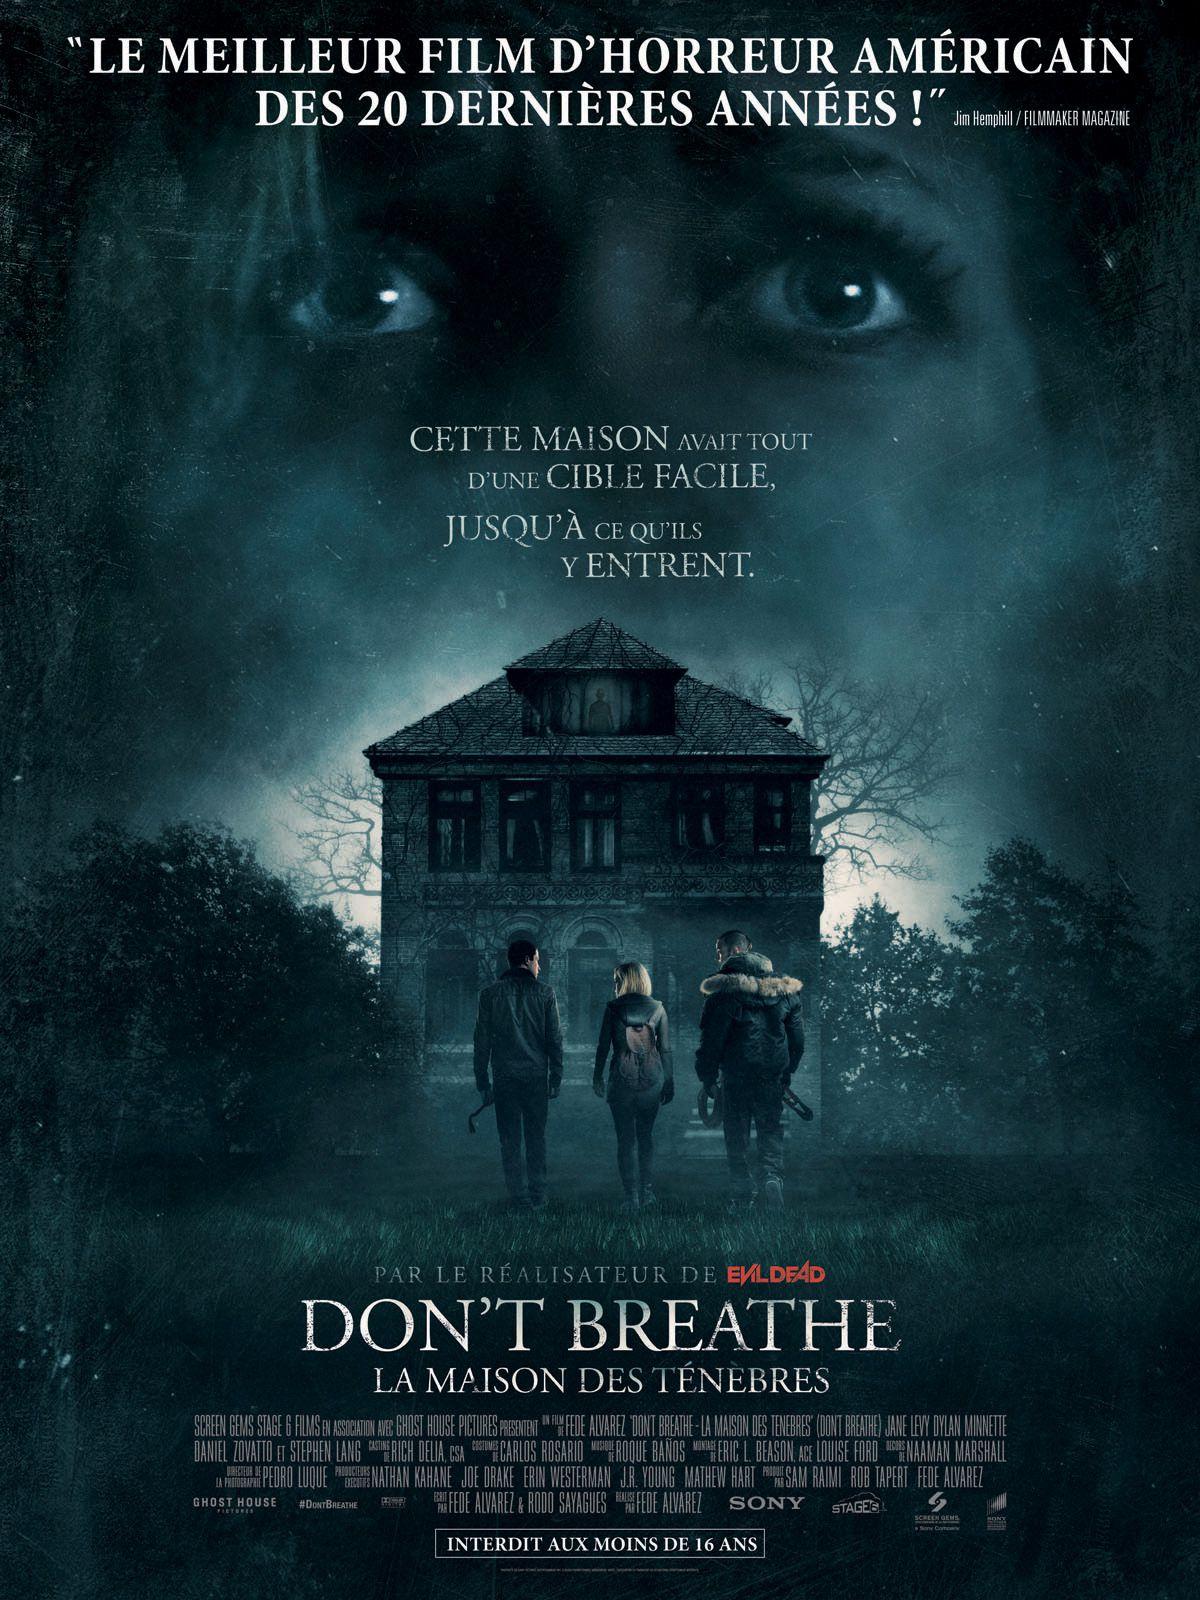 Don't Breathe - La Maison des ténèbres - Film (2016)